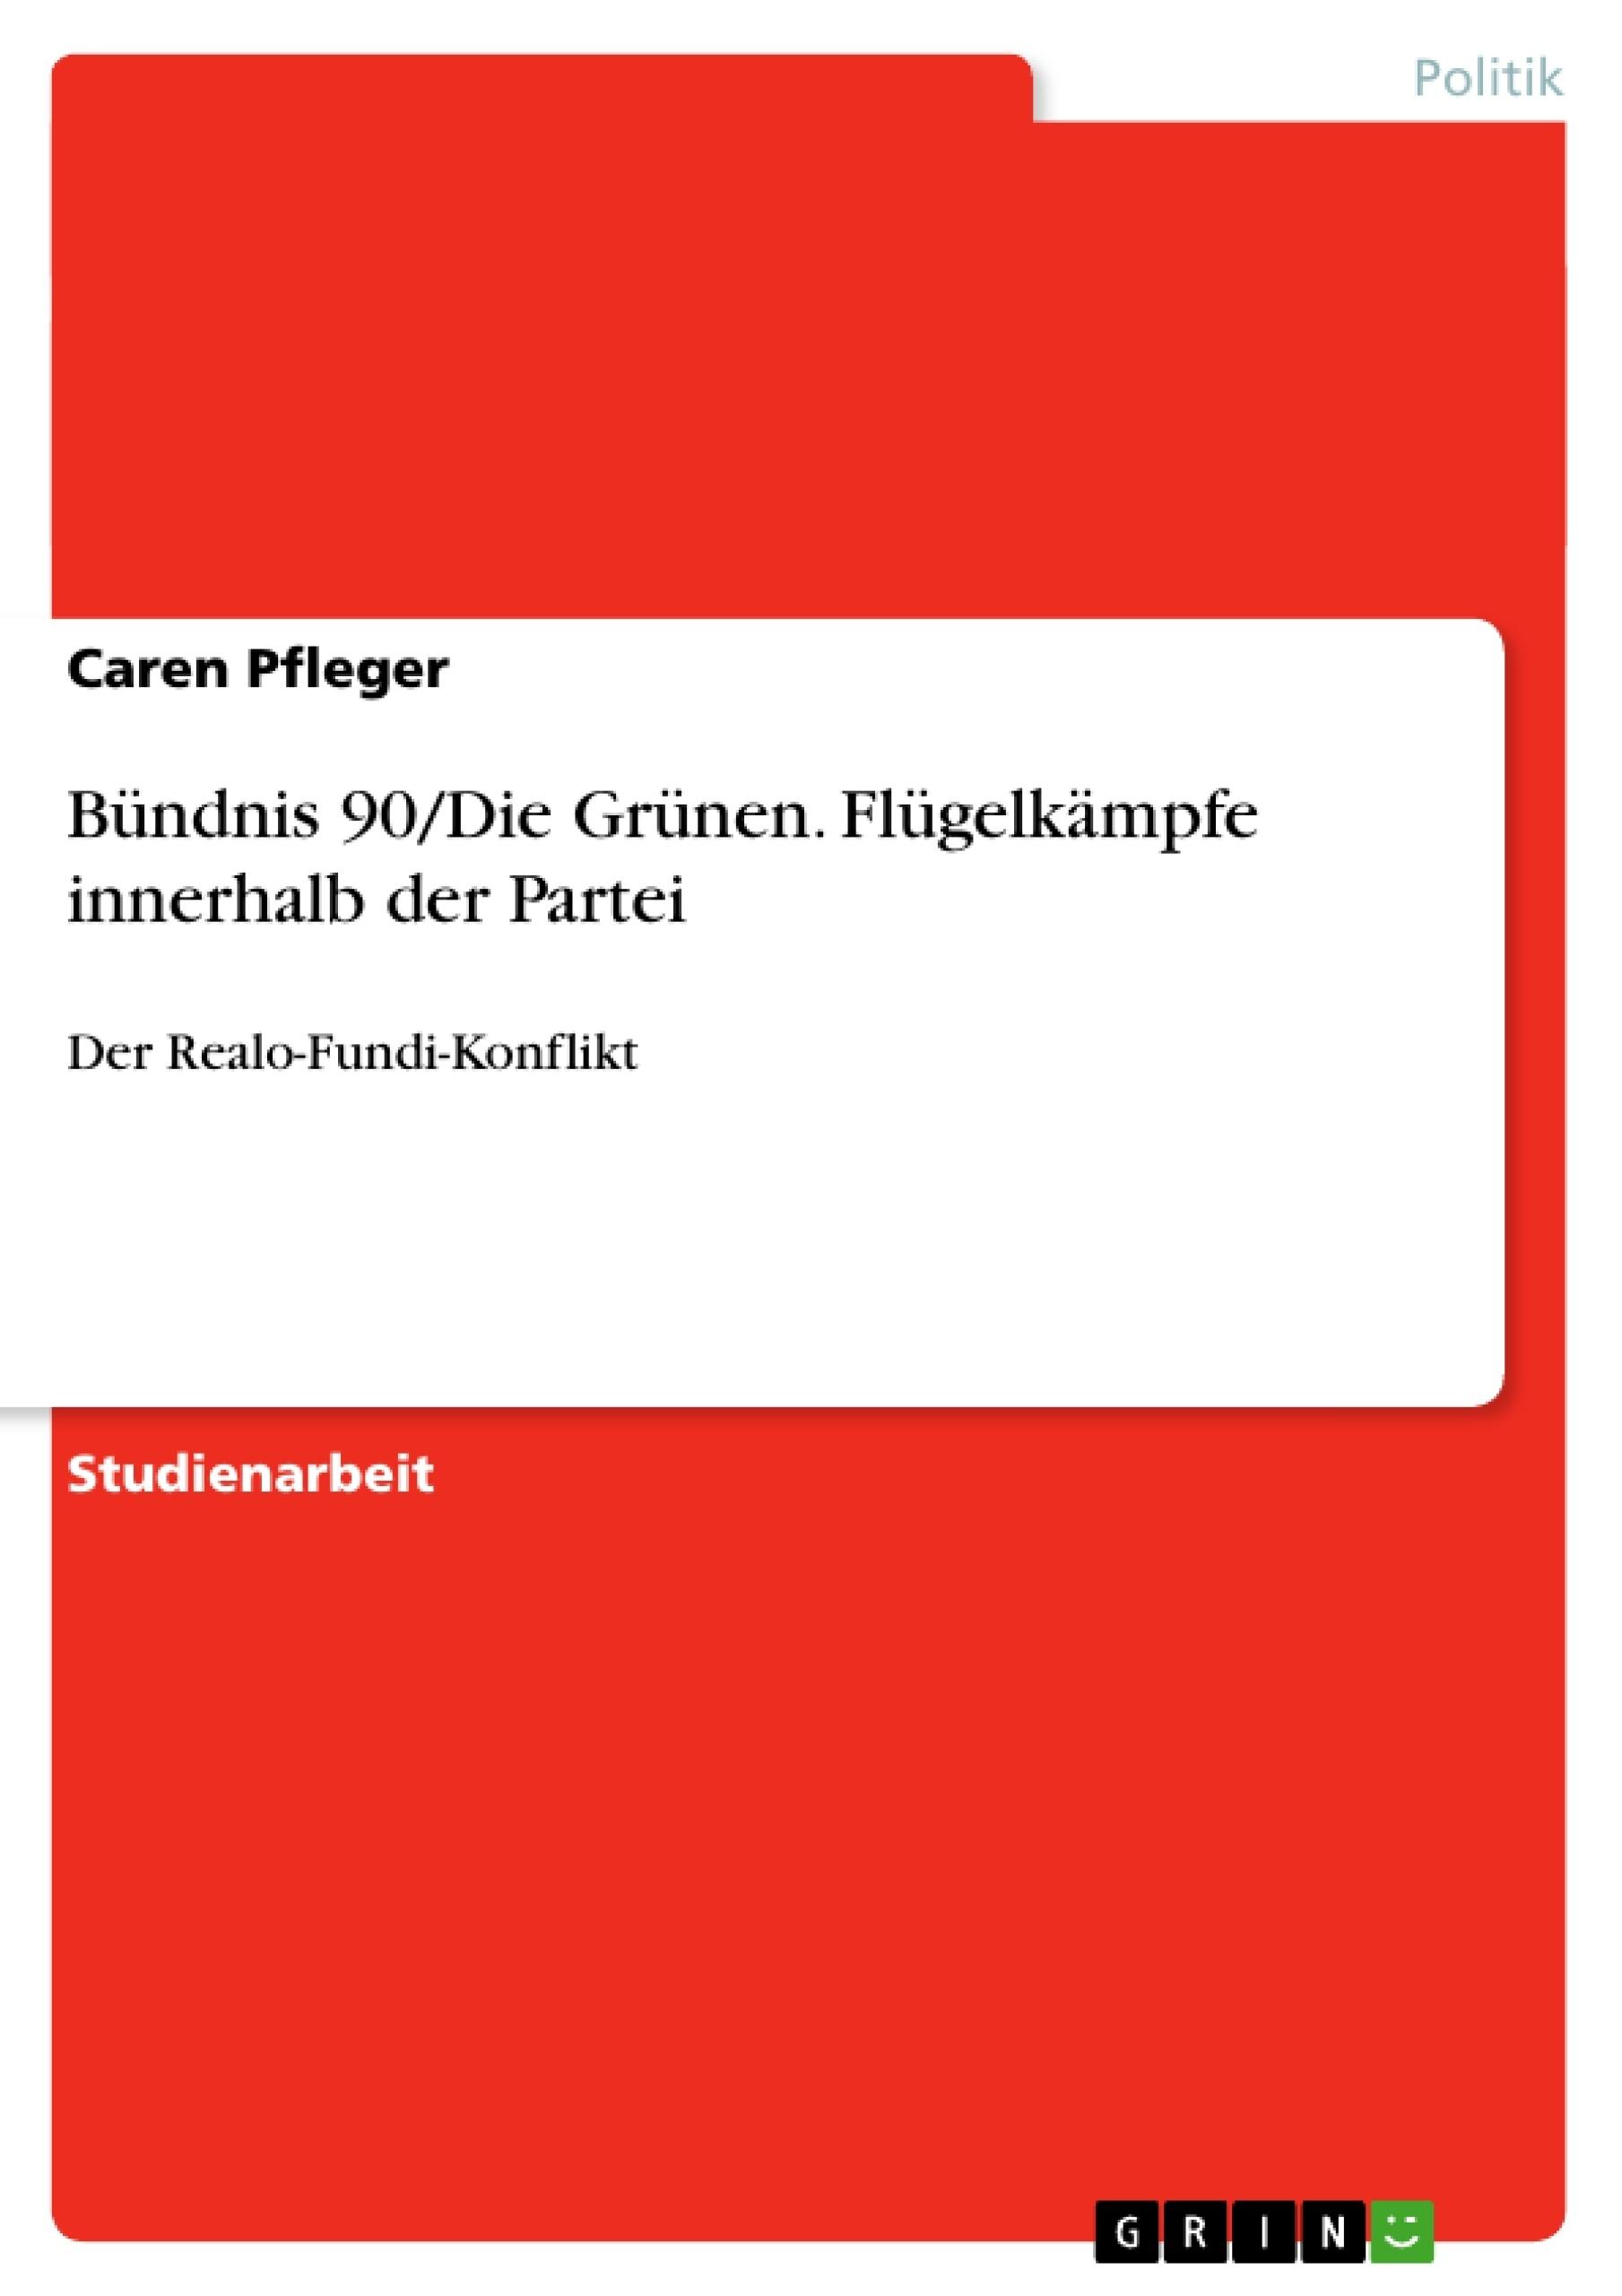 Titel: Bündnis 90/Die Grünen. Flügelkämpfe innerhalb der Partei